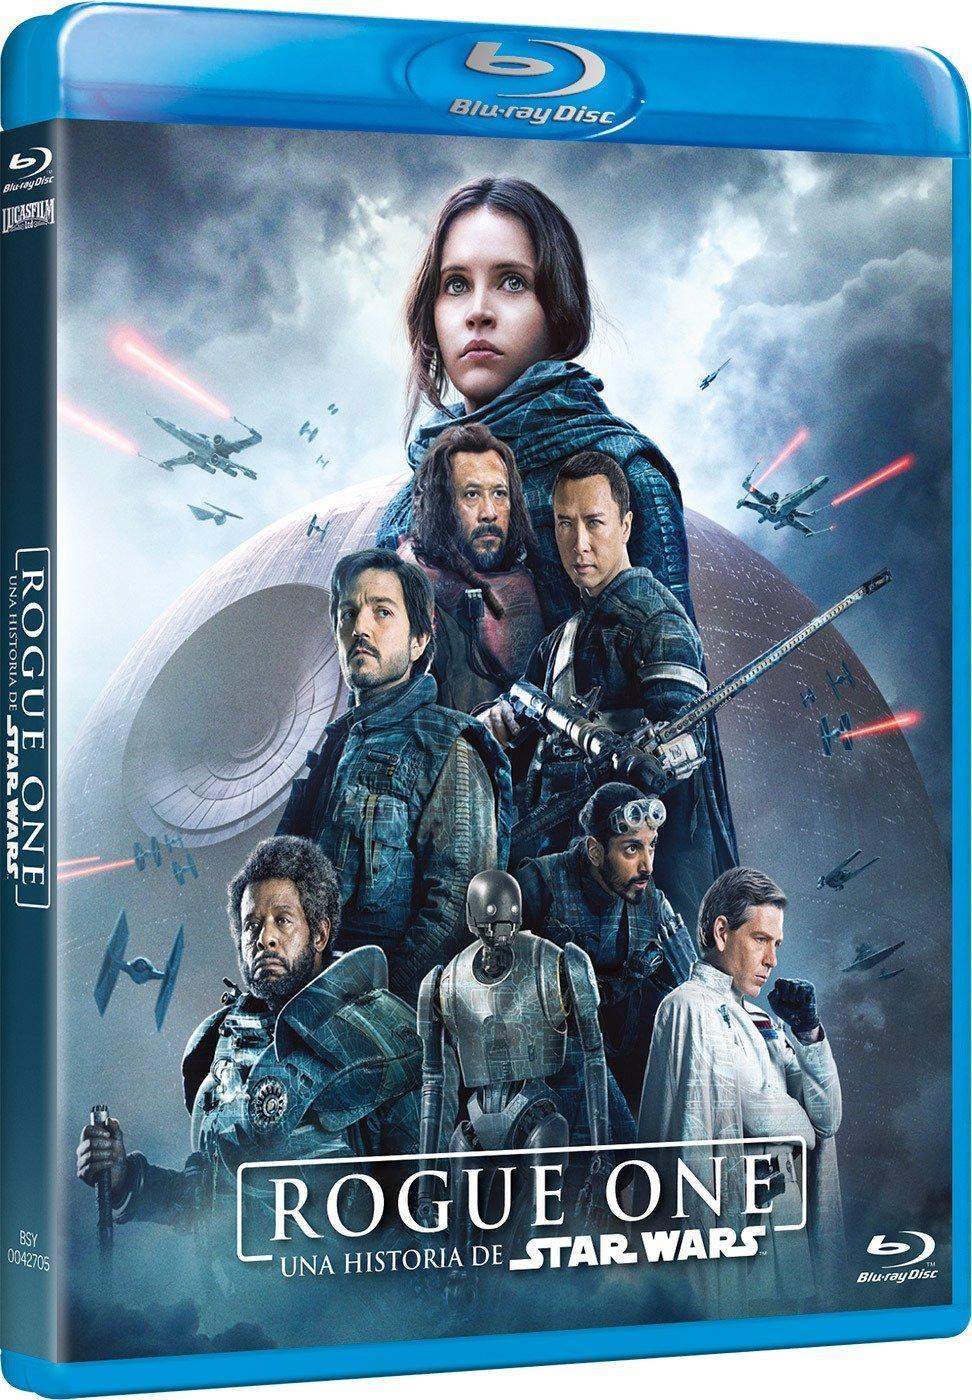 Rogue One: Una Historia De Star Wars [Blu-ray]: Amazon.es